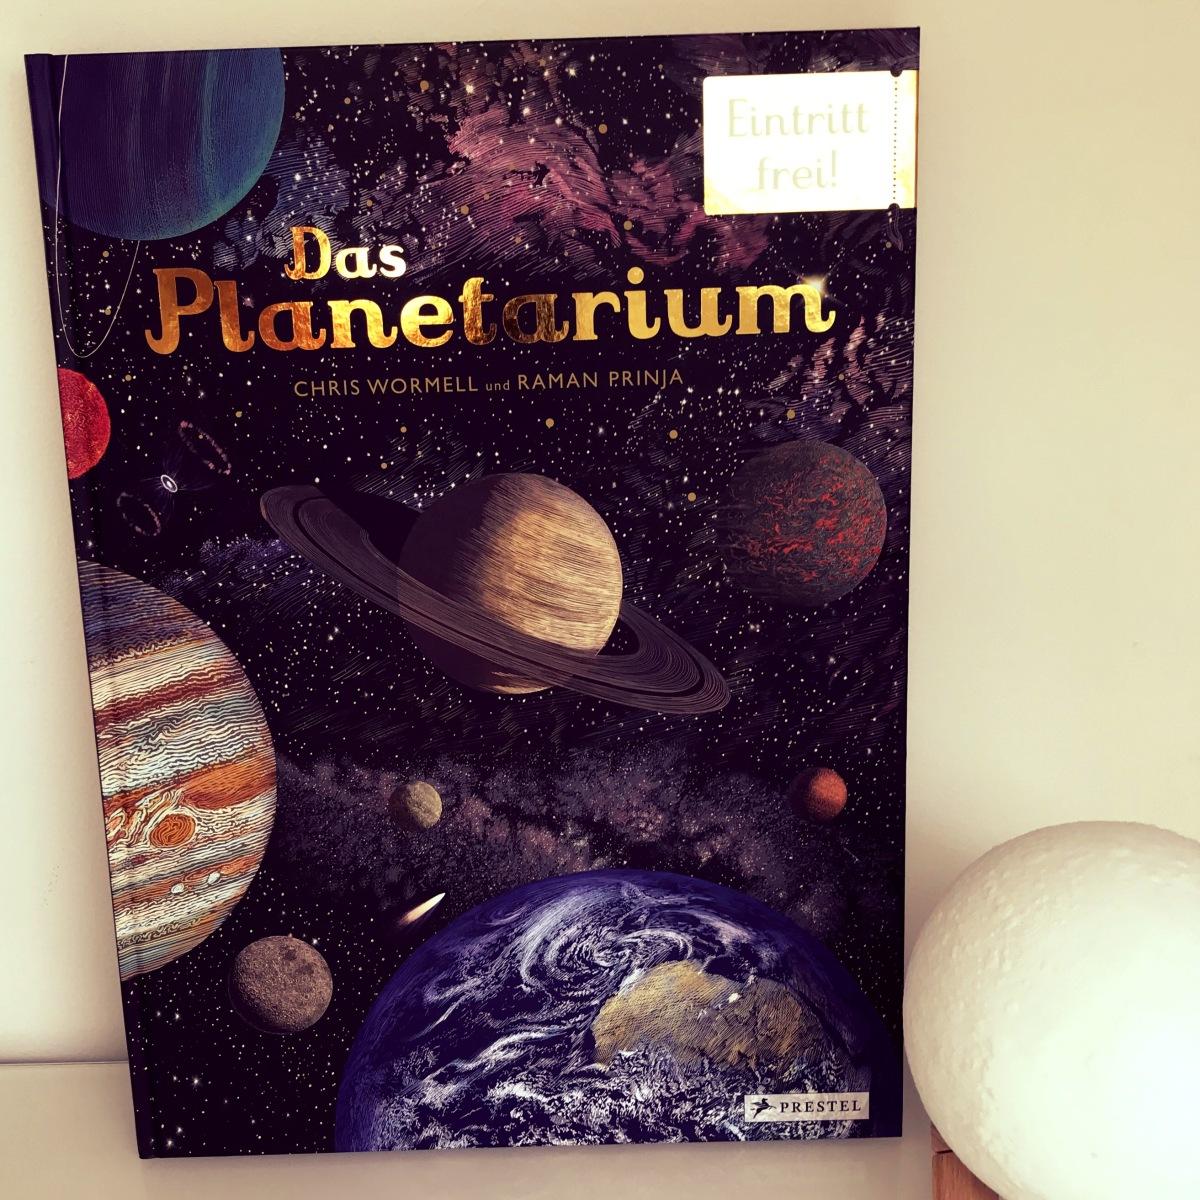 Das Planetarium * Eintritt frei